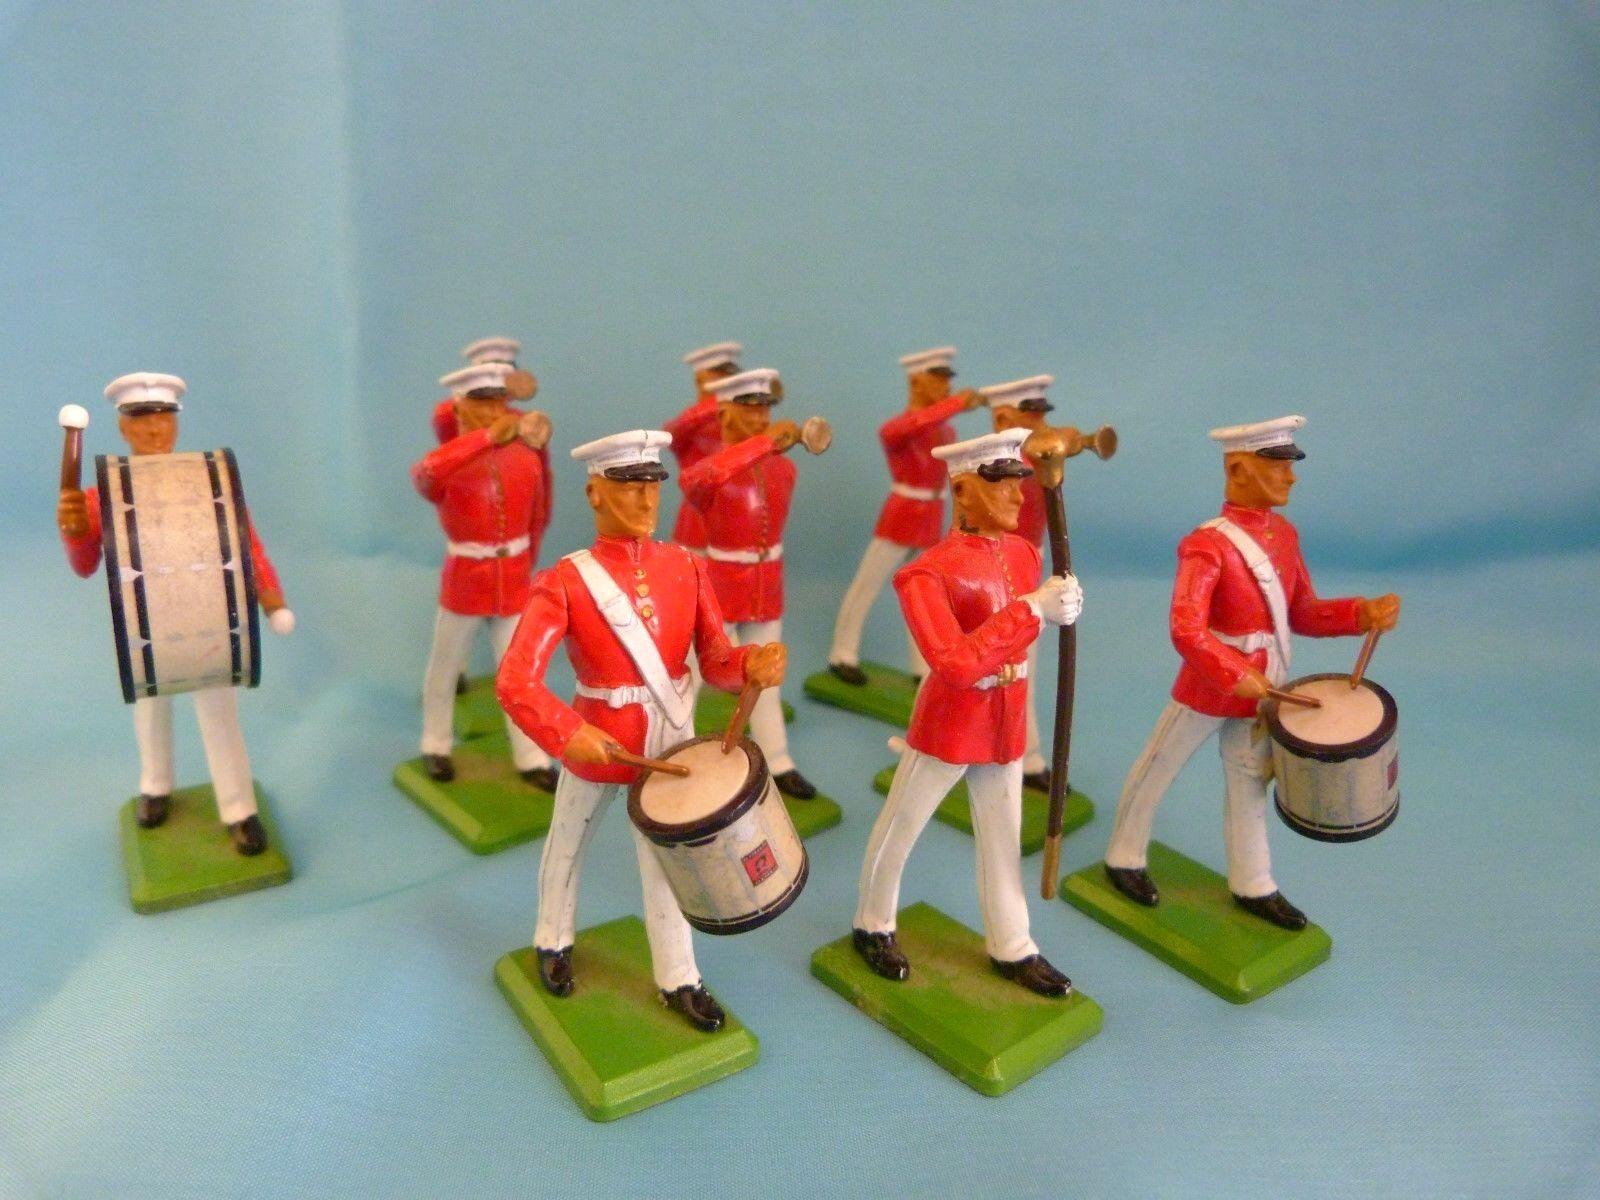 10 soldat de plomb Britains - Fanfare de l'US Navy au défilé - Toy soldiers